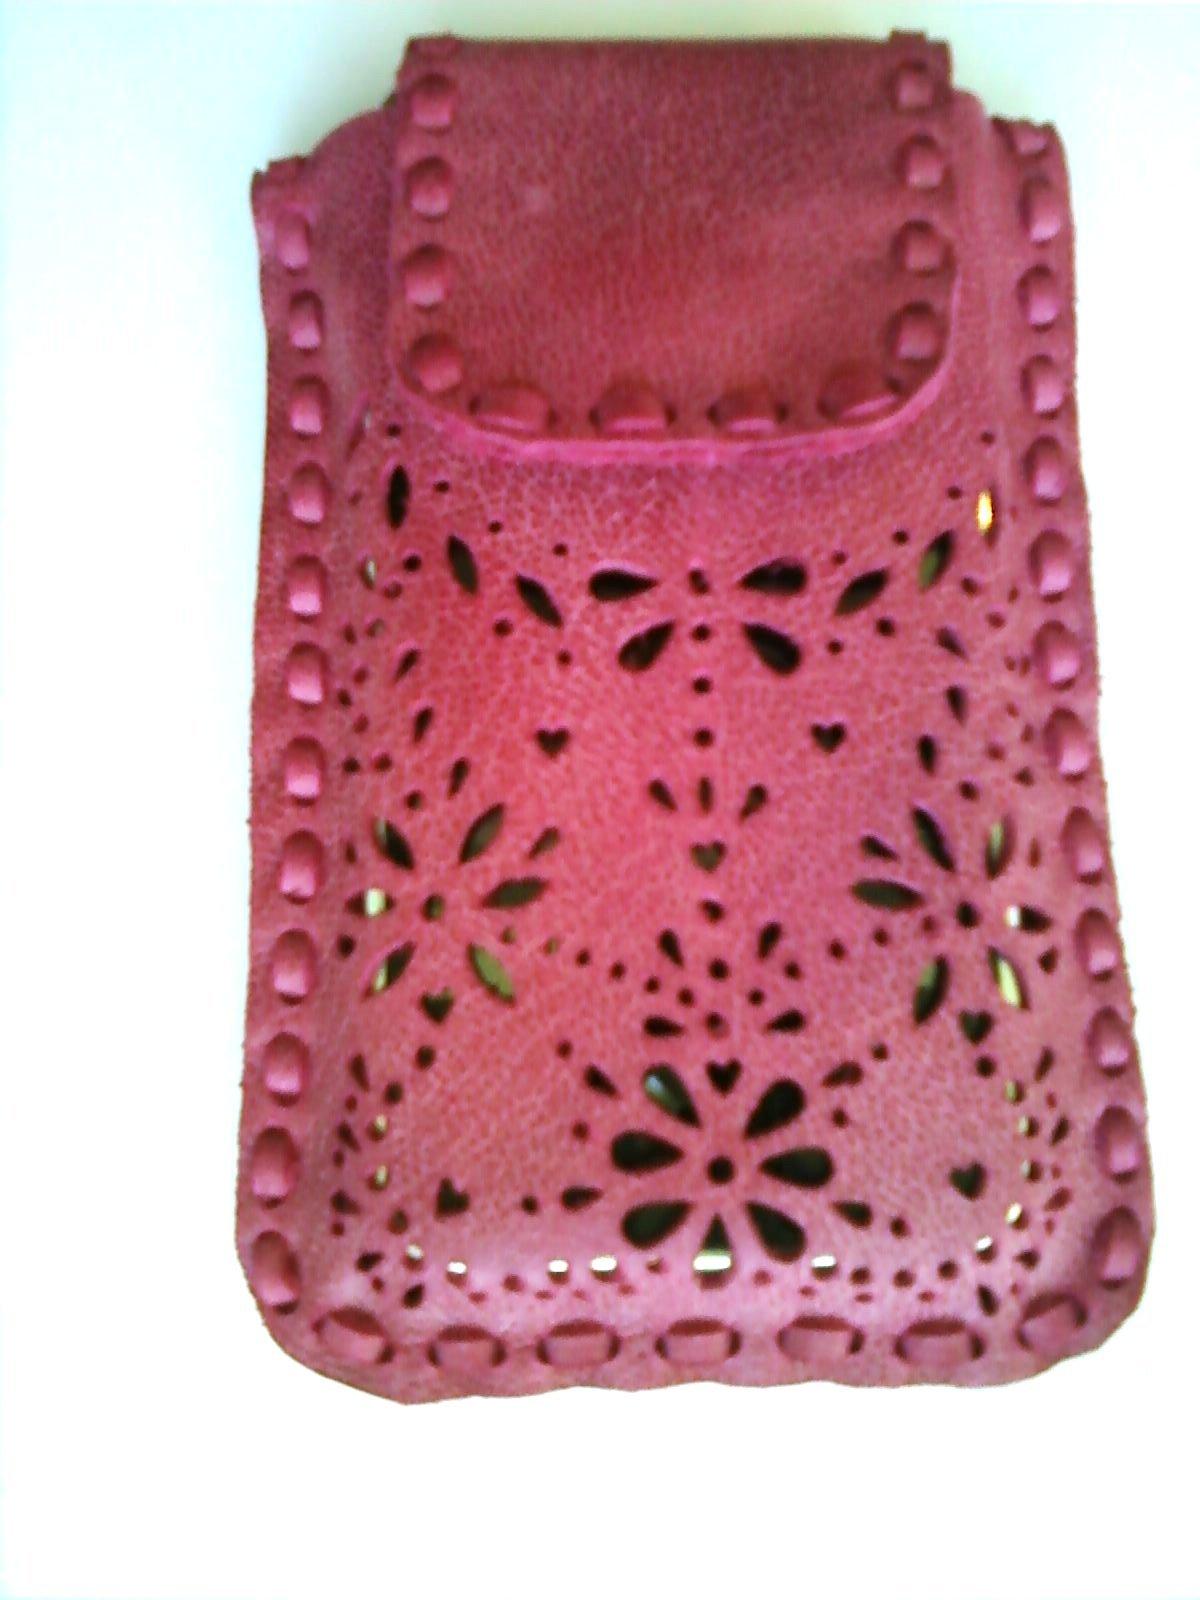 Мастер-класс по пошиву кожаного чехла для телефона (Iphone SE) 32